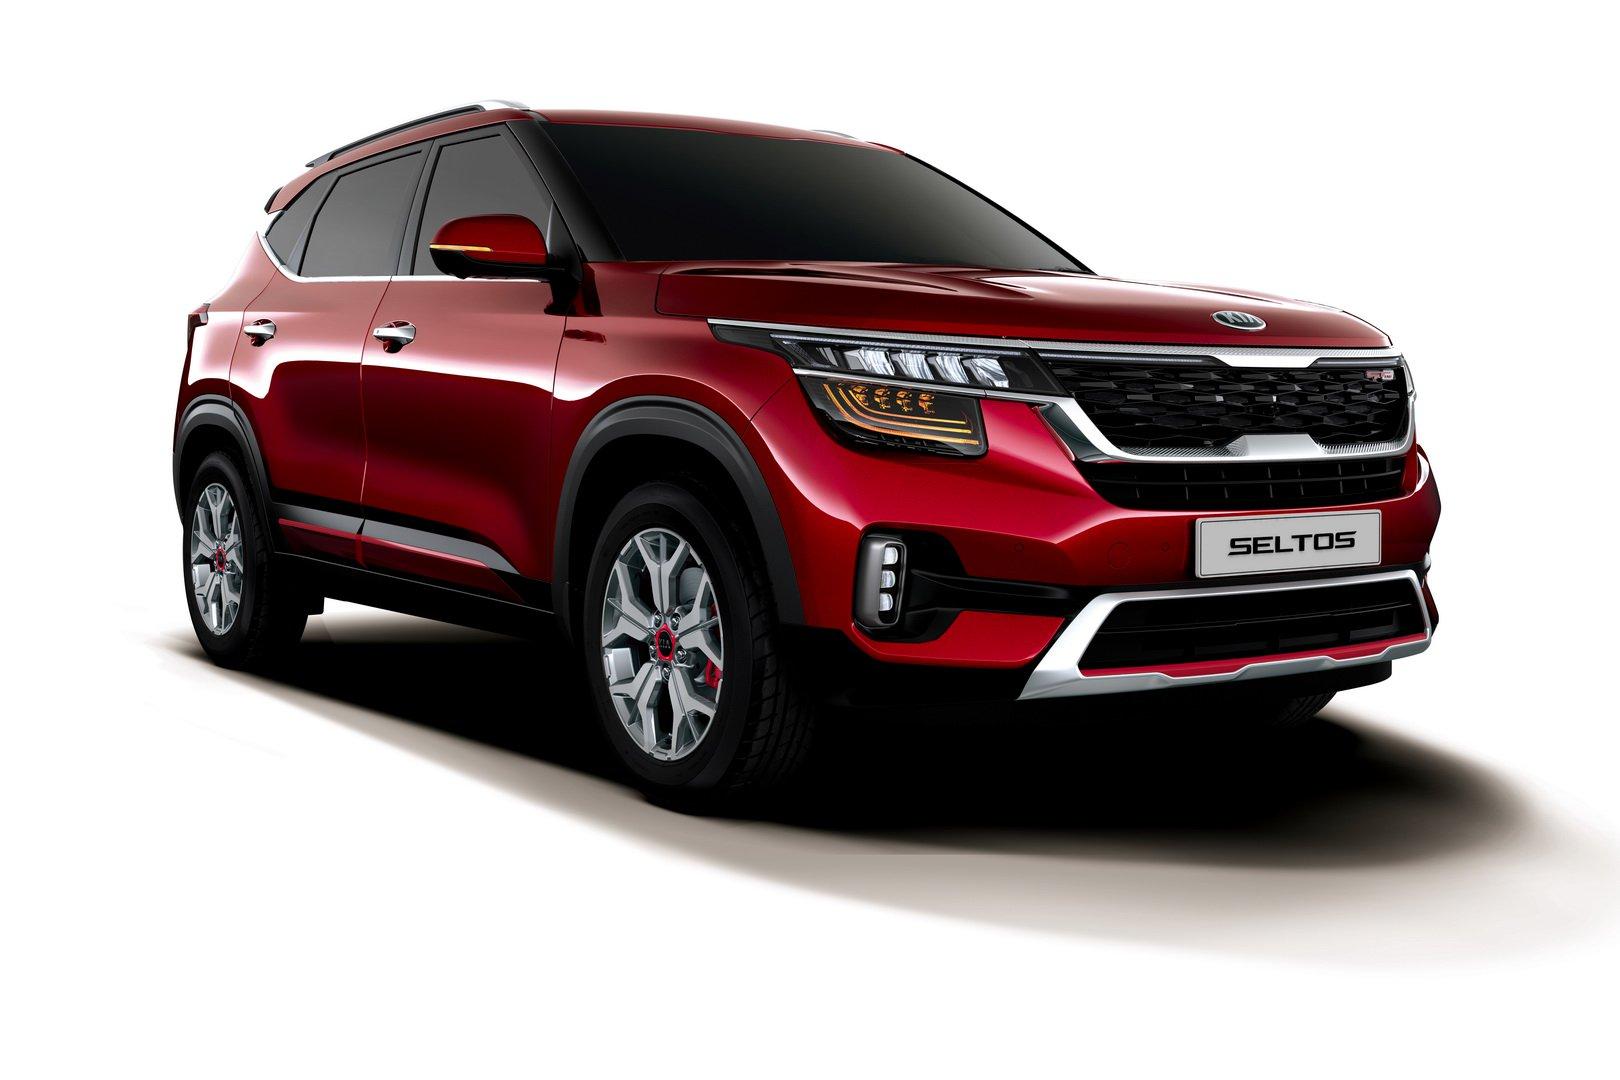 글로벌 시장을 겨냥한 새로운 소형 SUV 기아 셀토스 공개